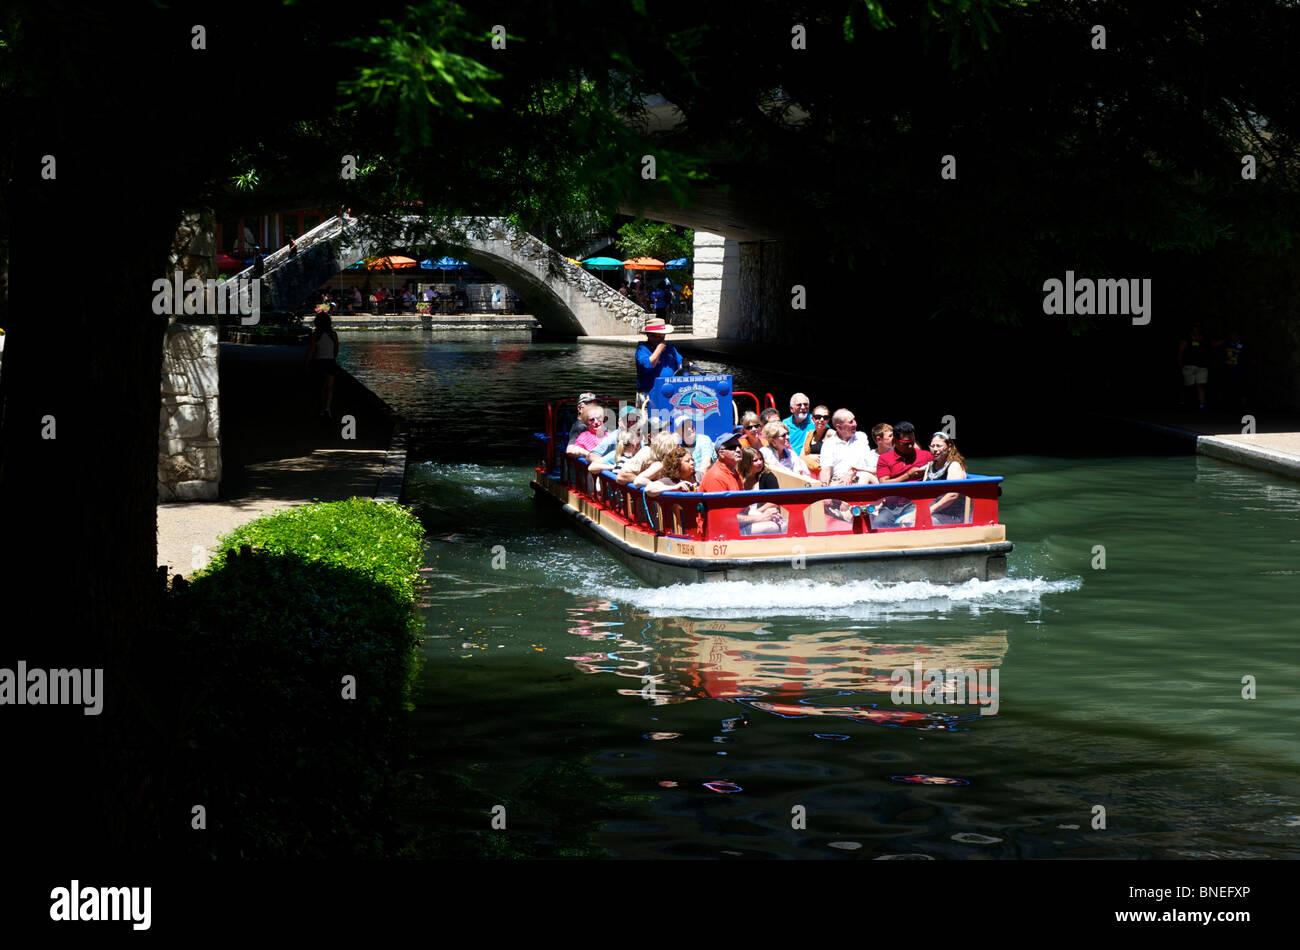 Croisière touristique dans la visite guidée à pied de la rivière San Antonio, Texas Banque D'Images